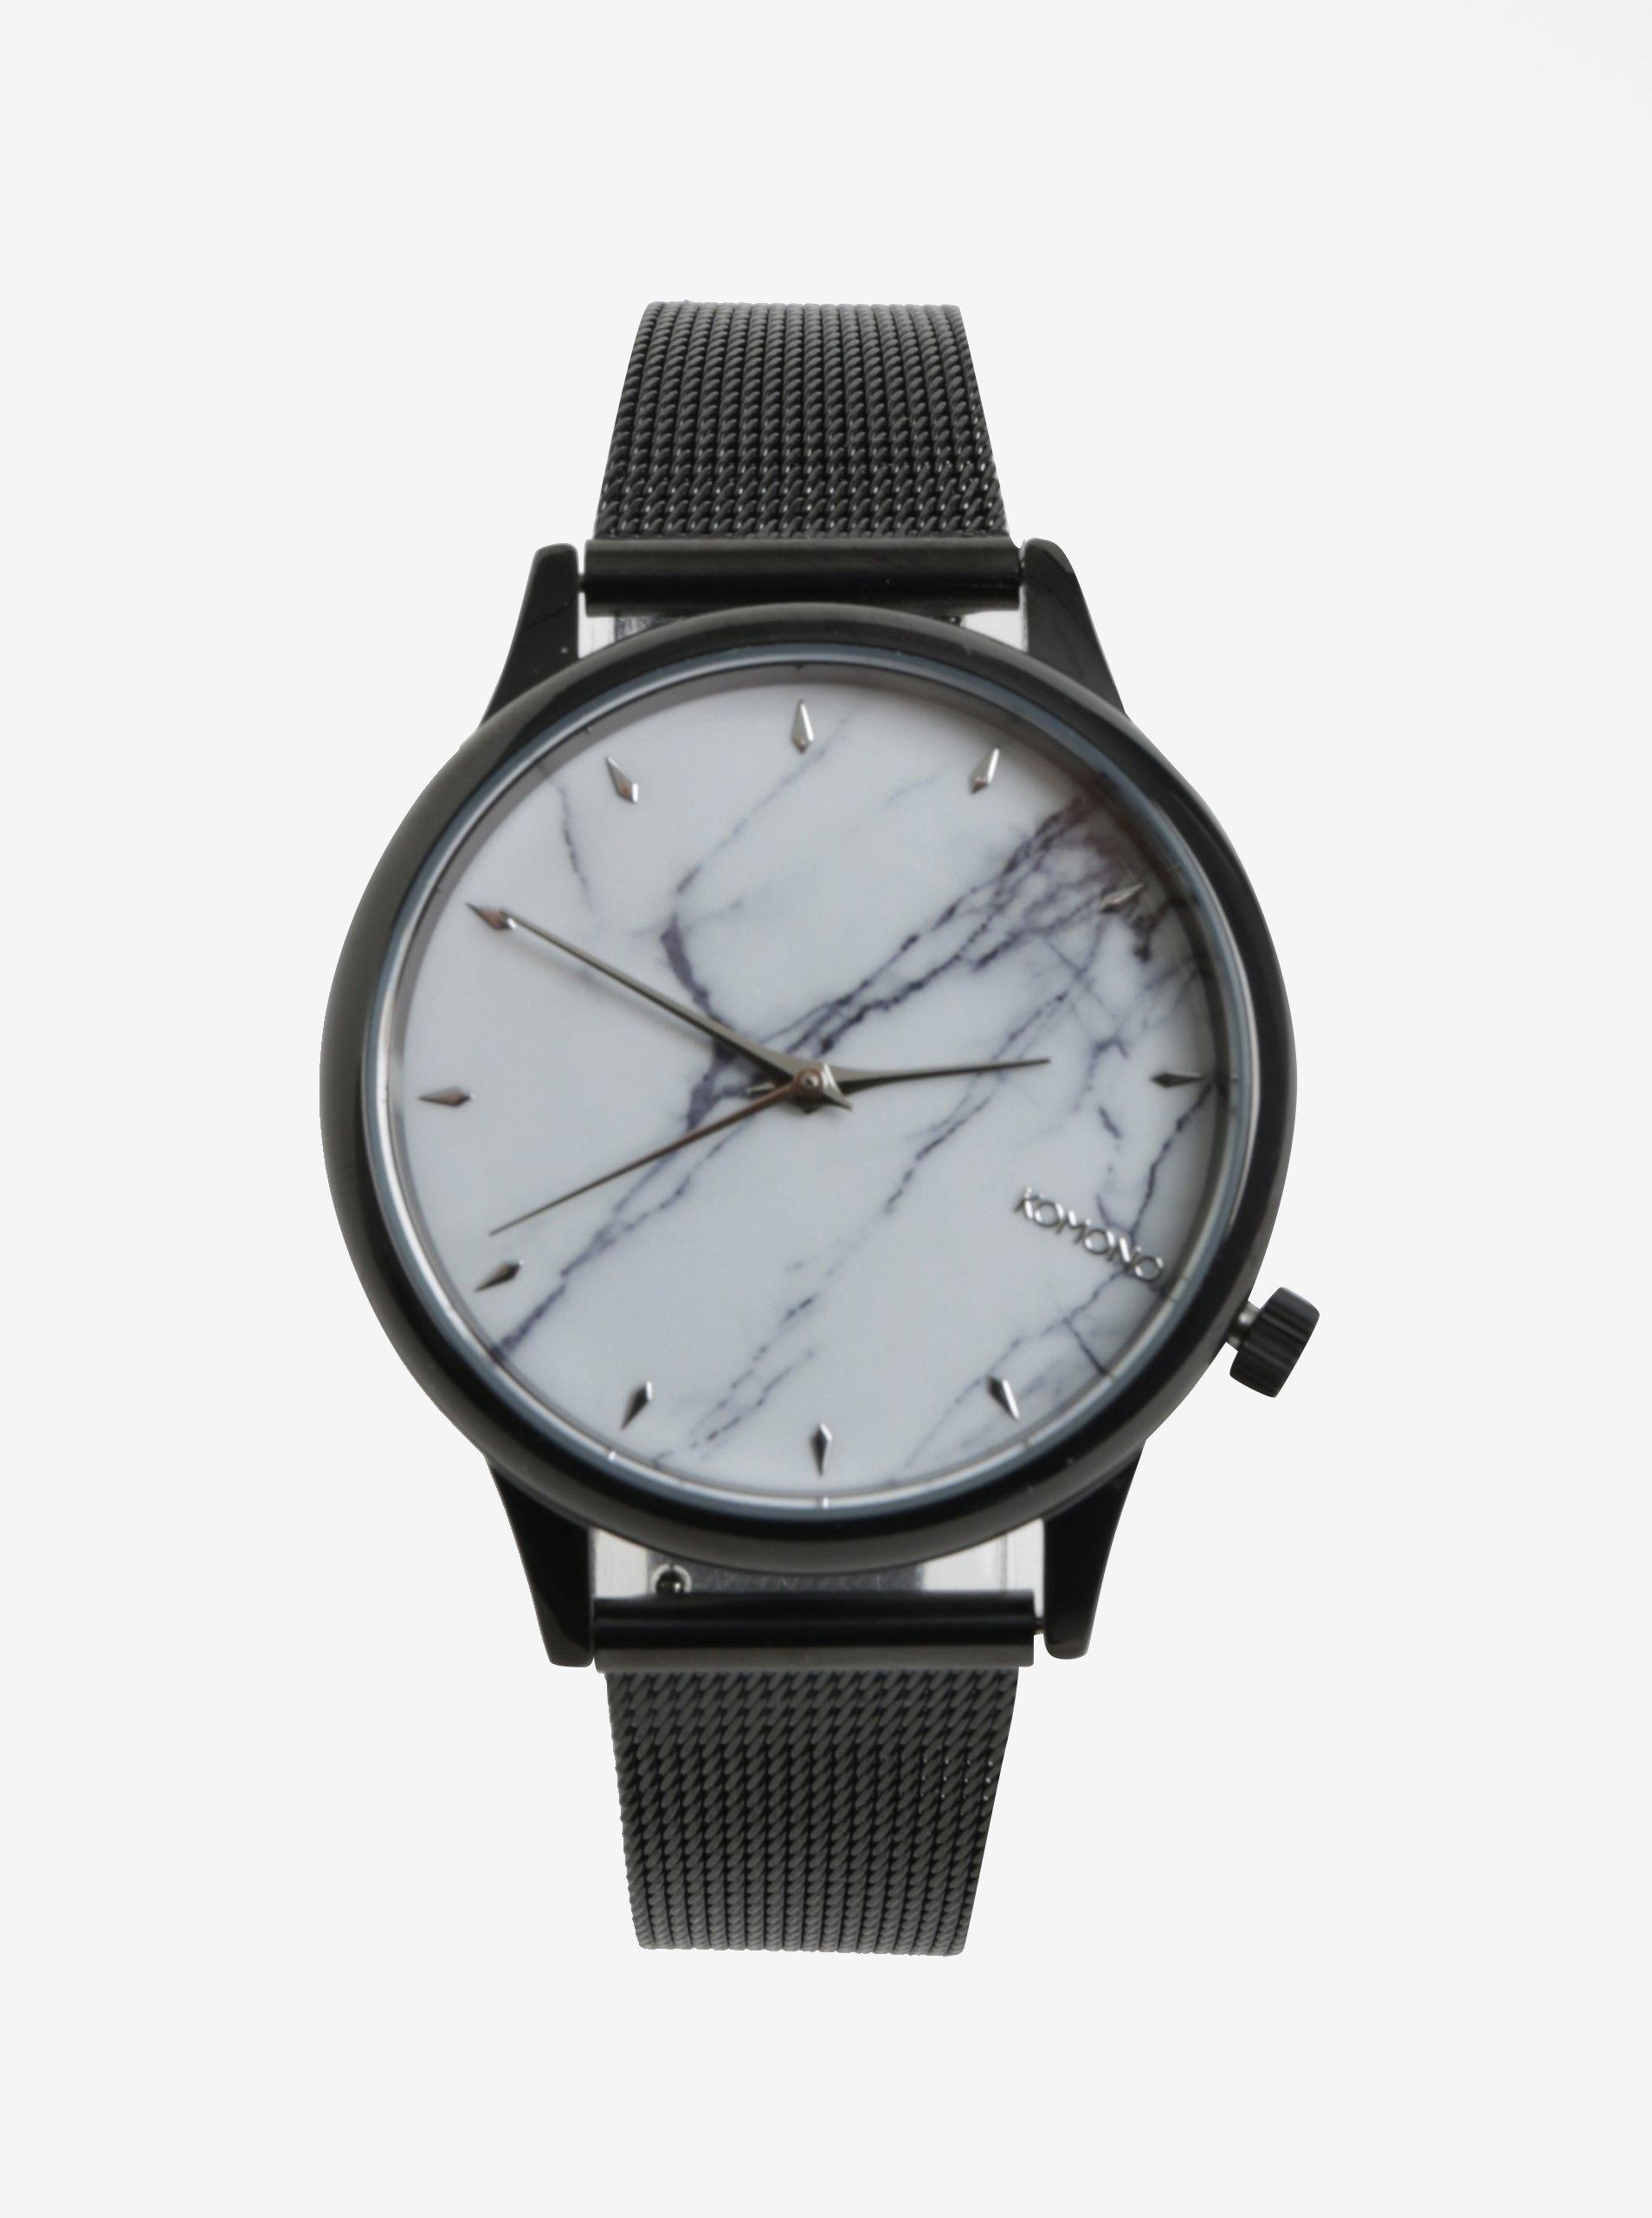 Bielo-čierne dámske hodinky s kovovým remienkom Komono Estelle Royale 6743de4f909